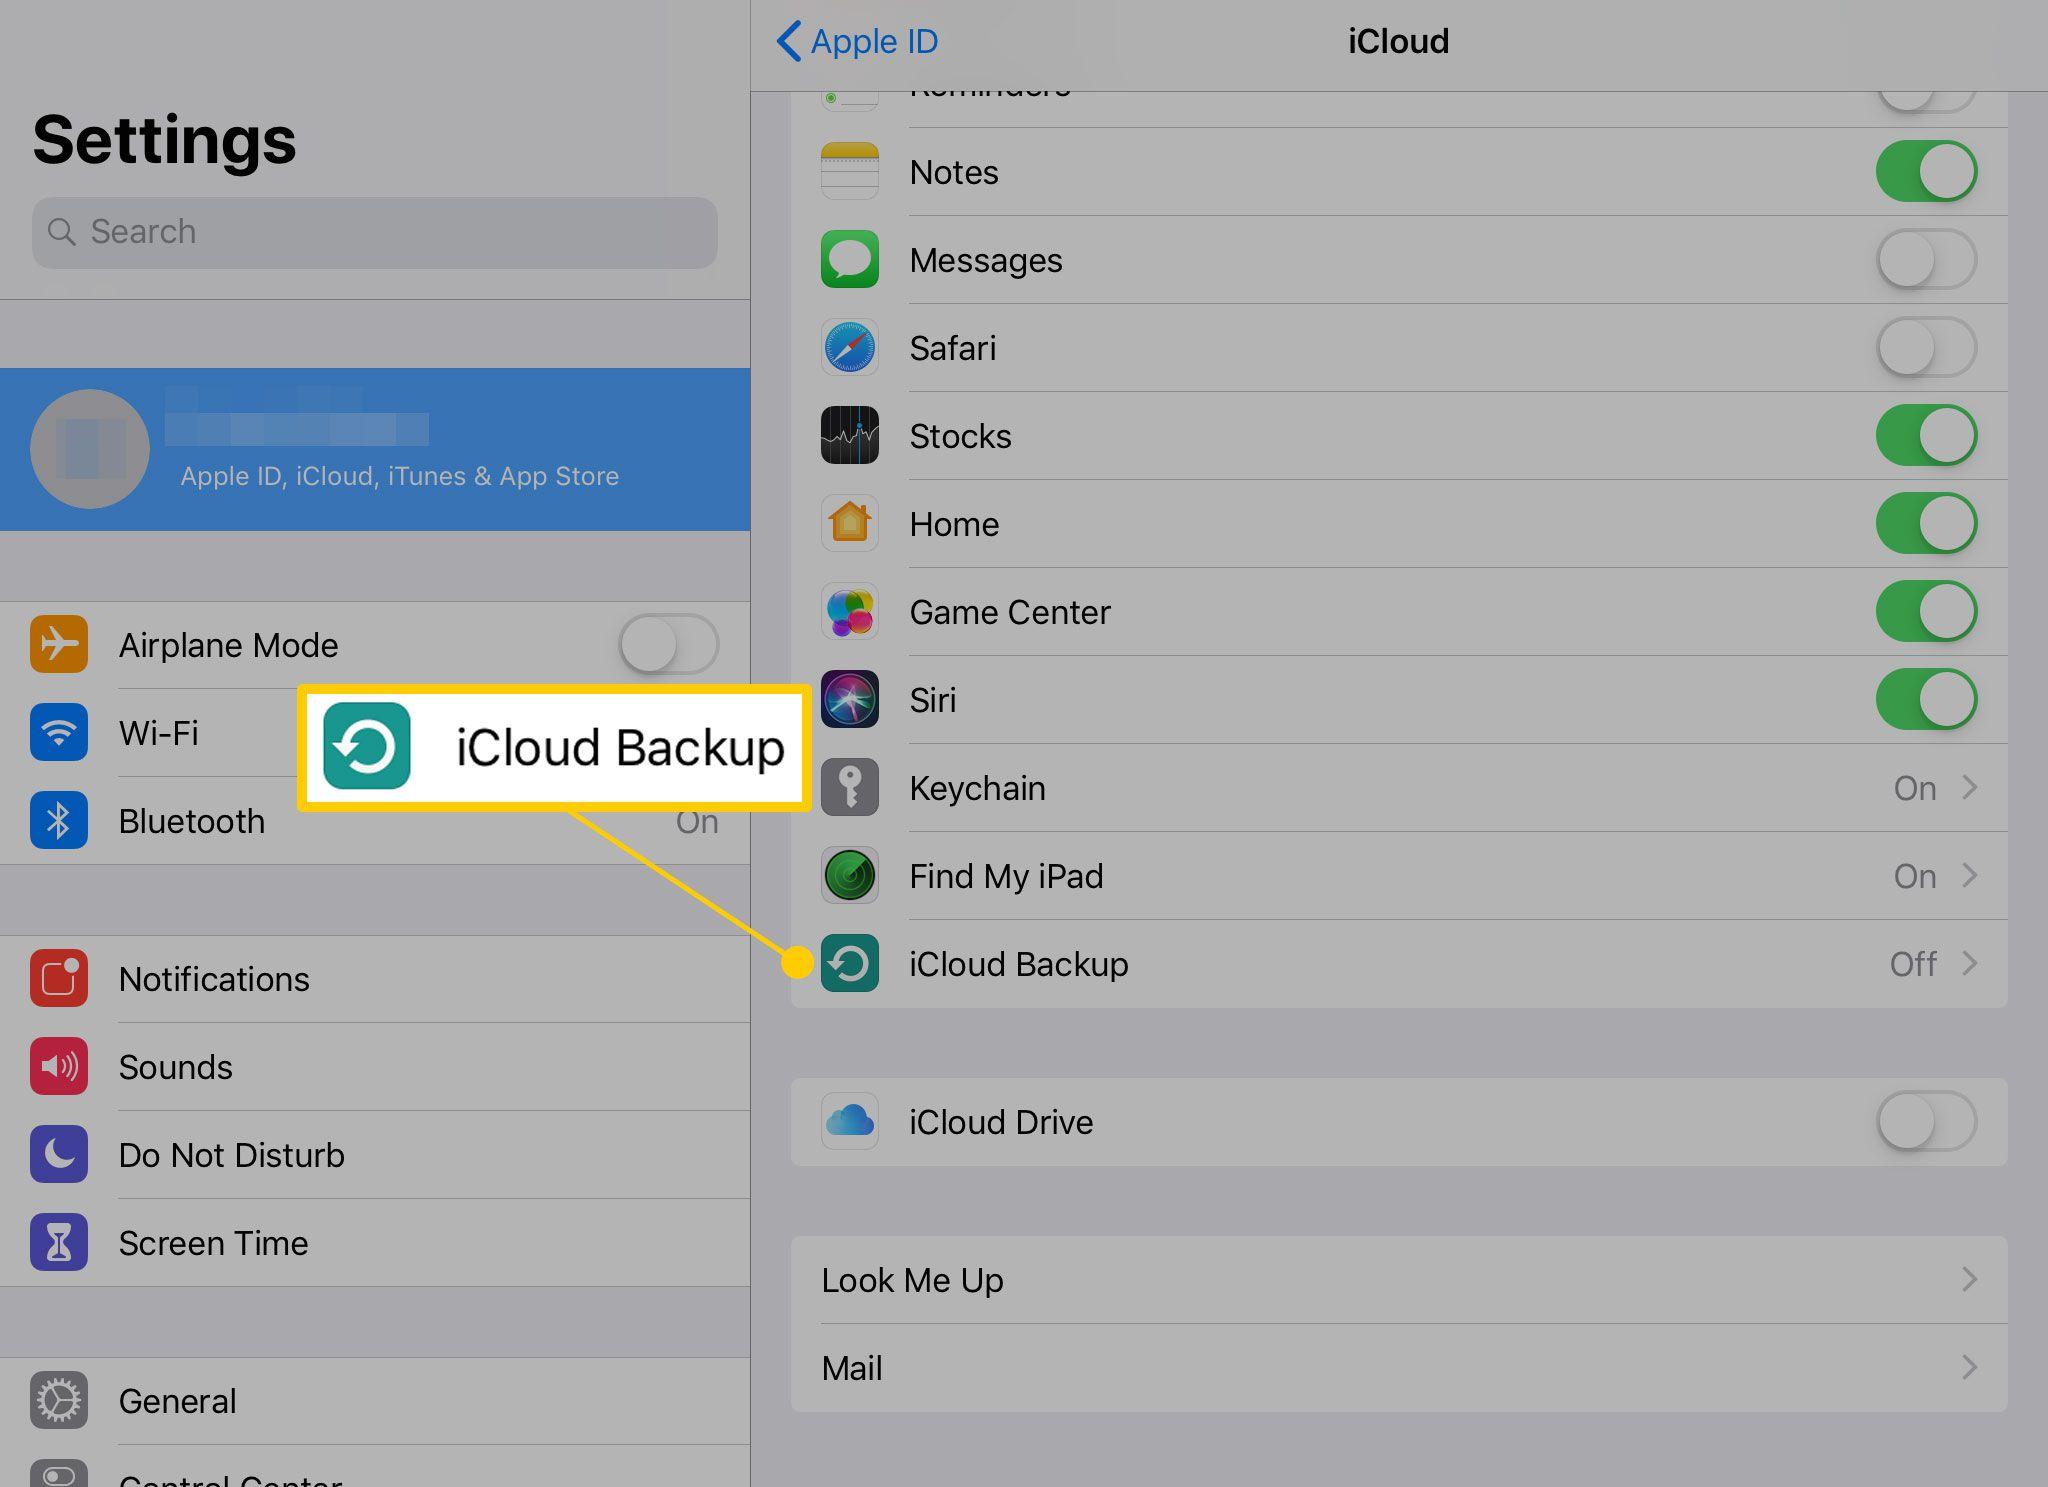 iCloud Backup on iPad